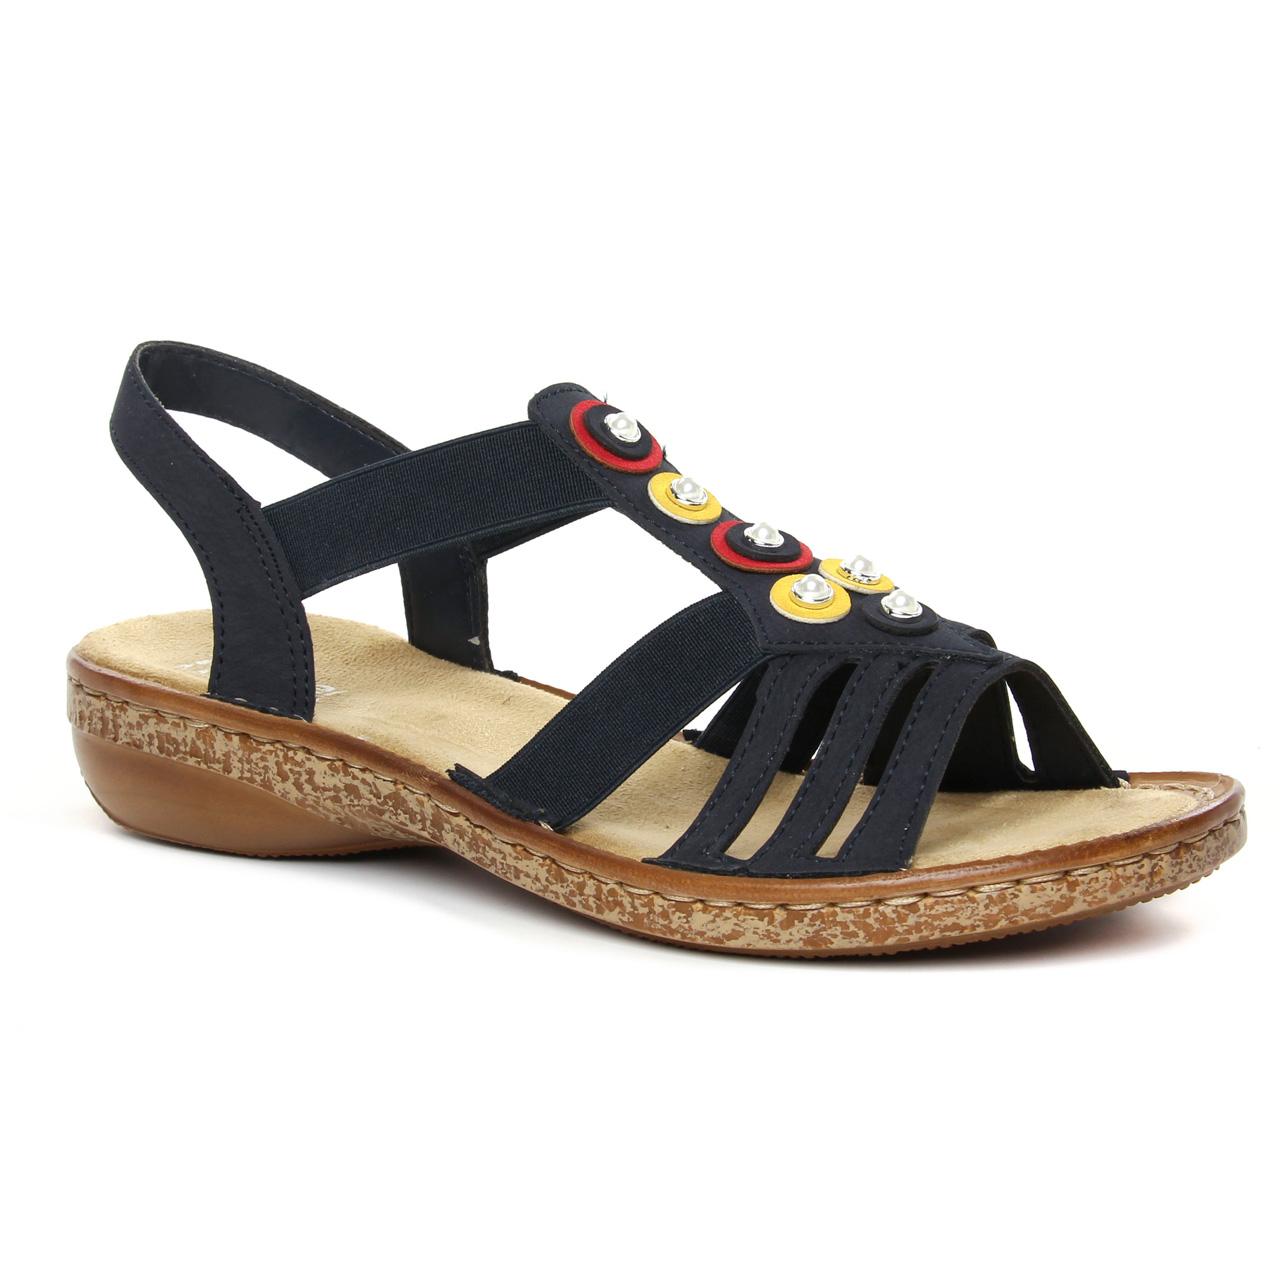 Rieker 628L1 14 Pazifik | sandales bleu marine printemps été